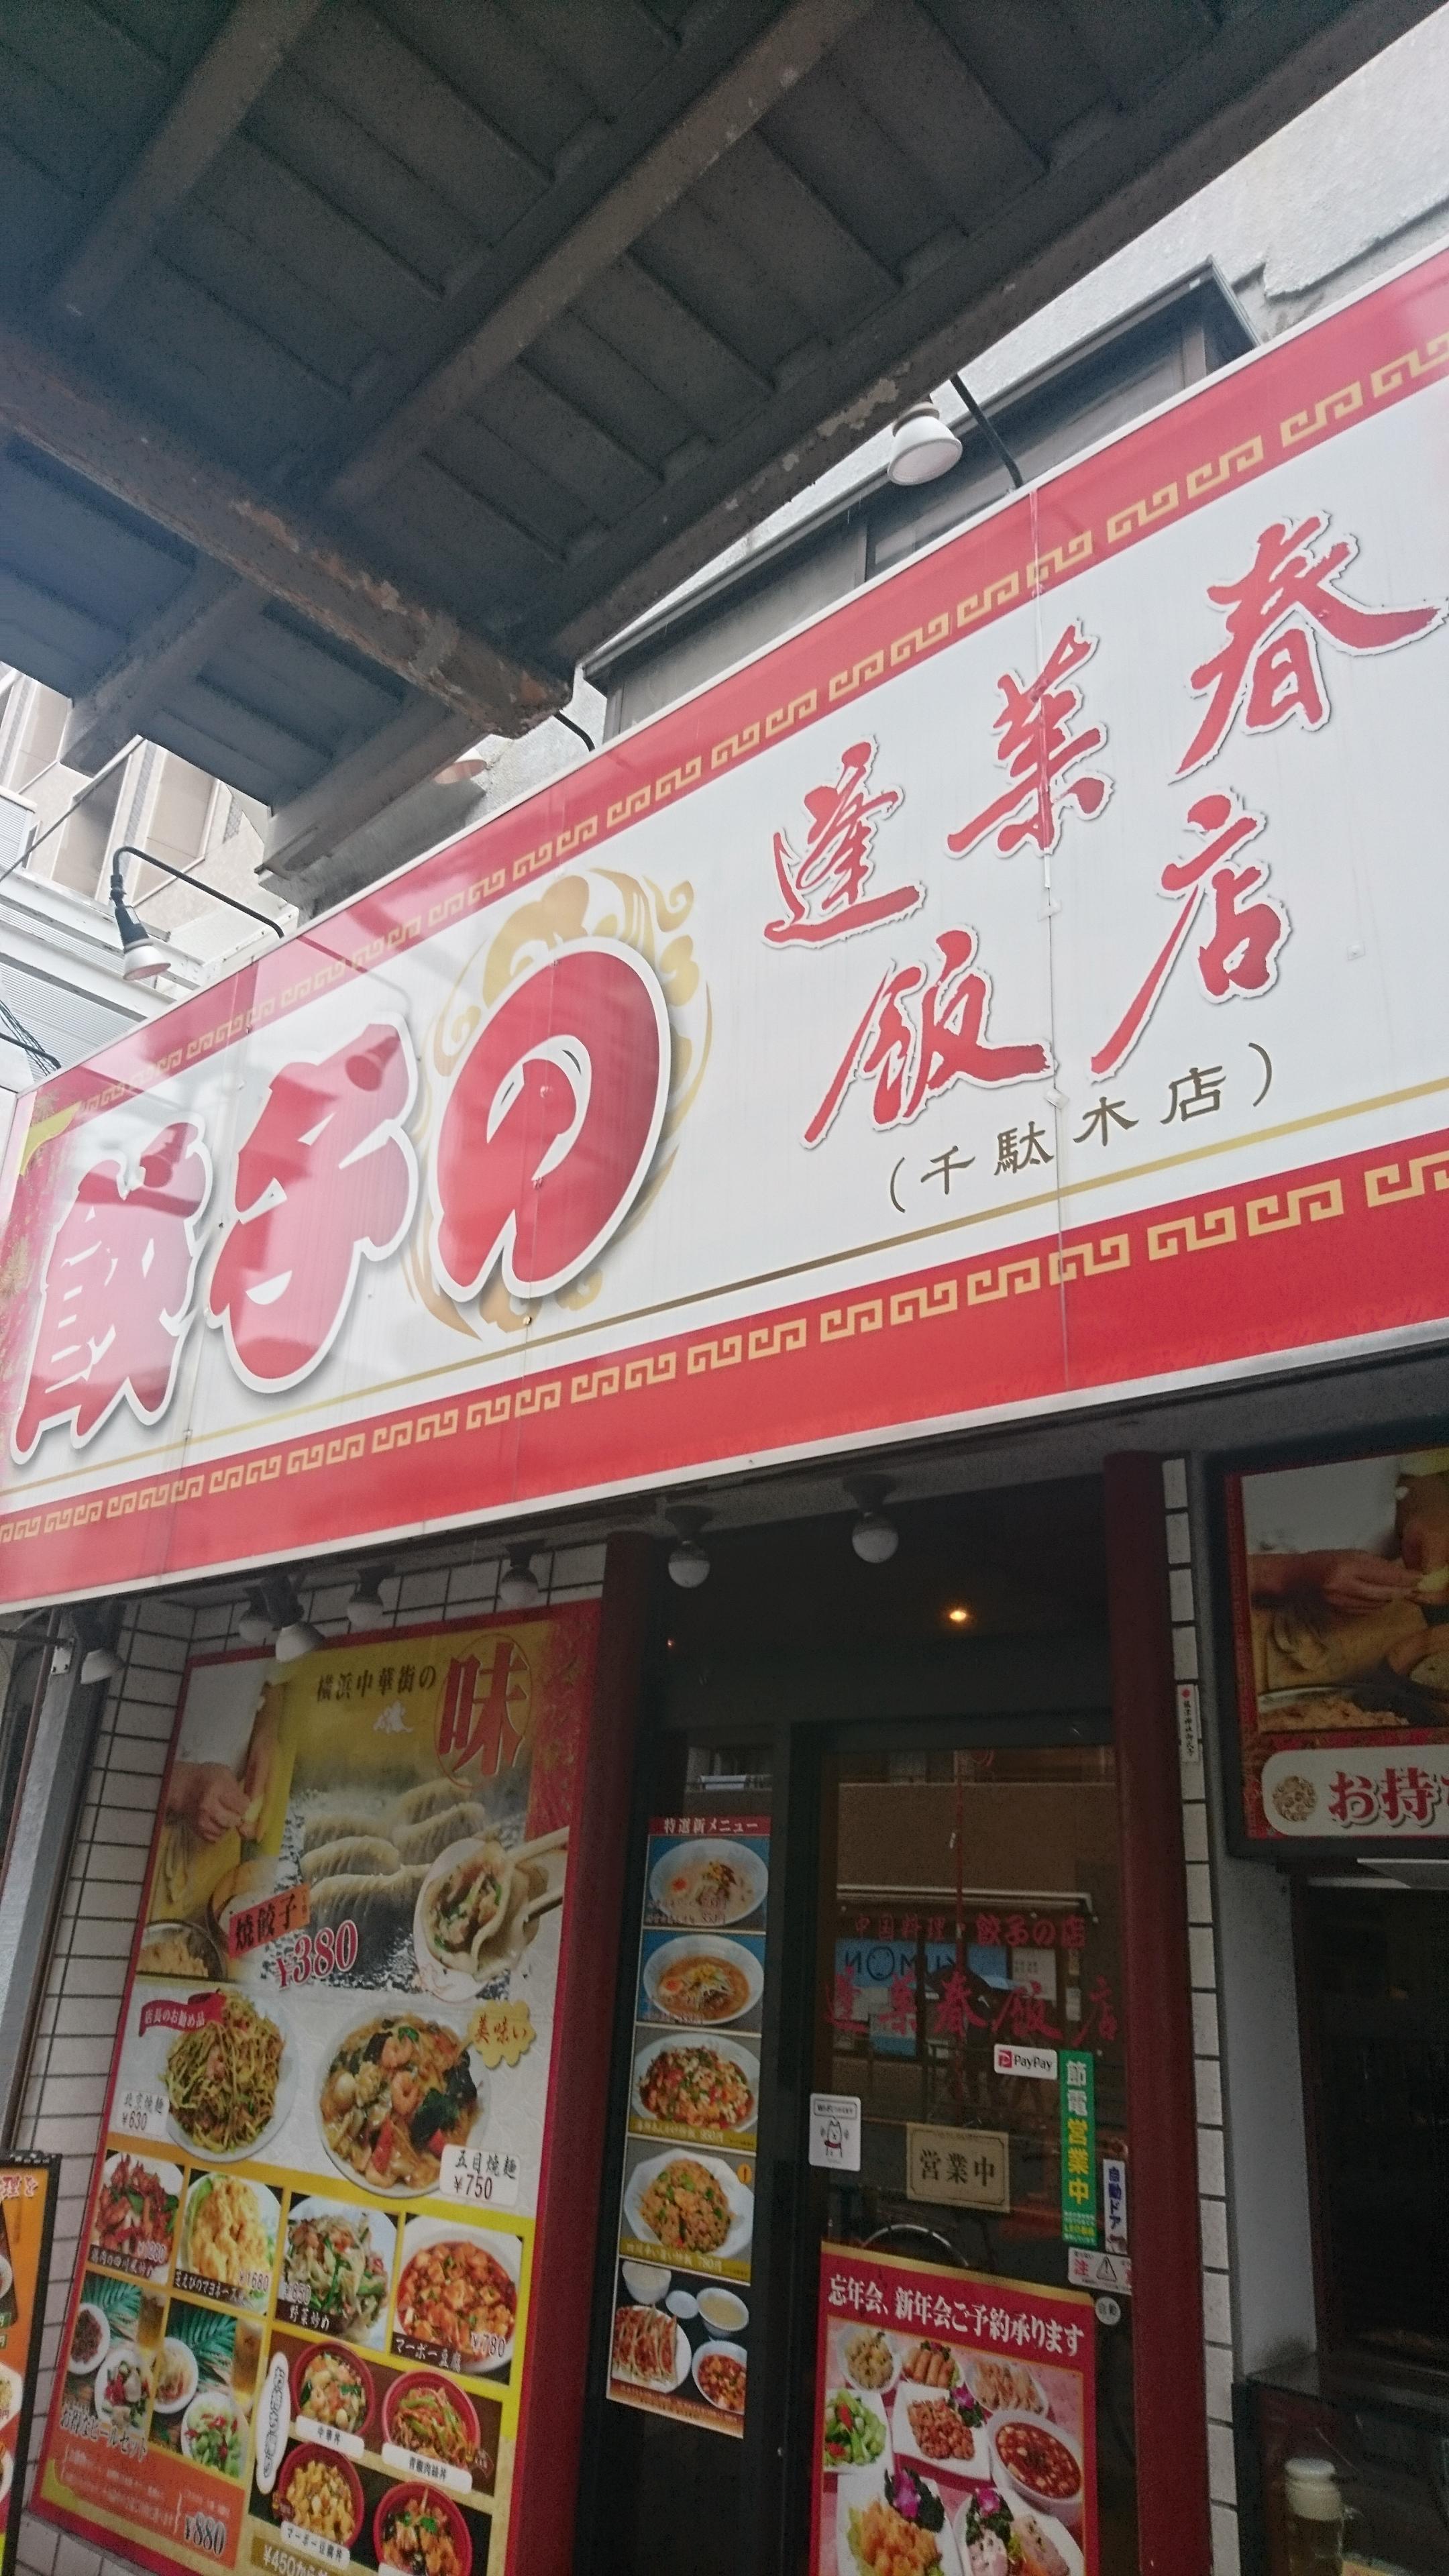 ぼく、中華料理屋に入店ww